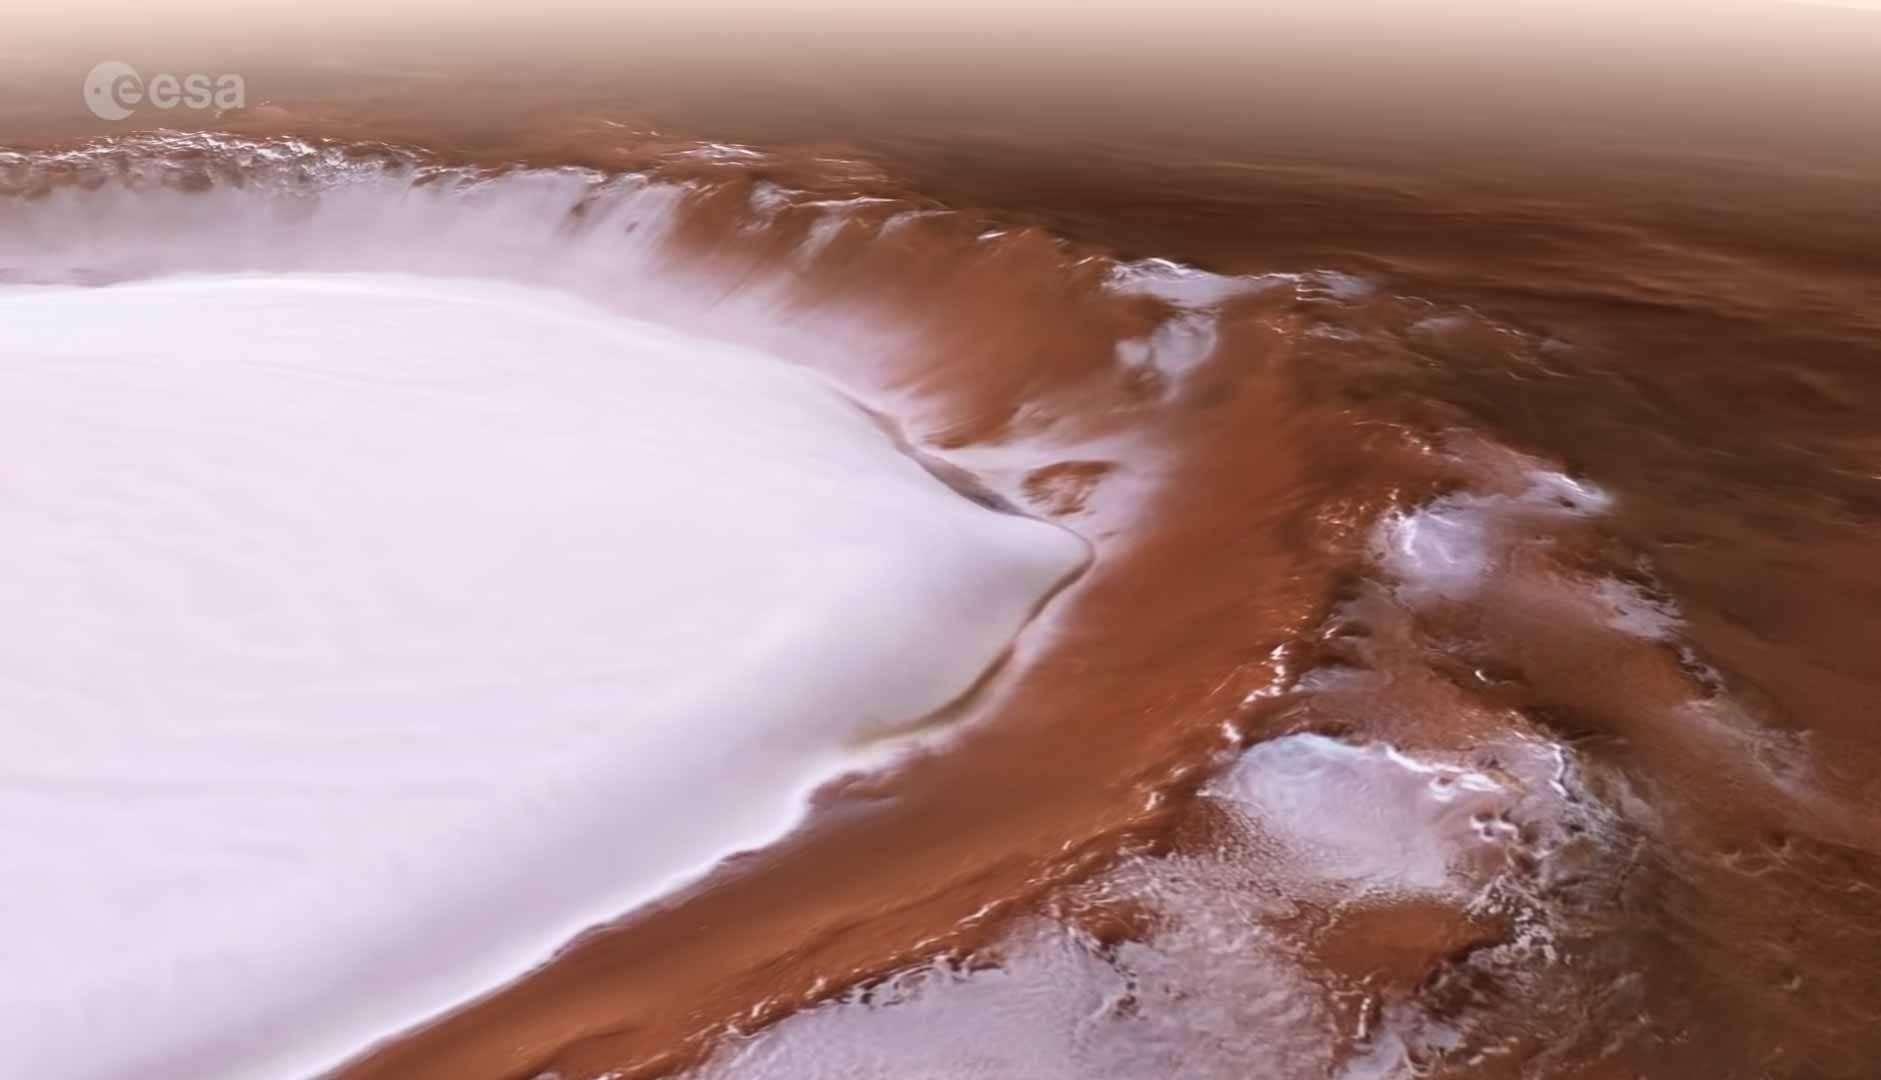 Vídeo mostra uma cratera congelada em Marte. Foto: Reprodução Youtube